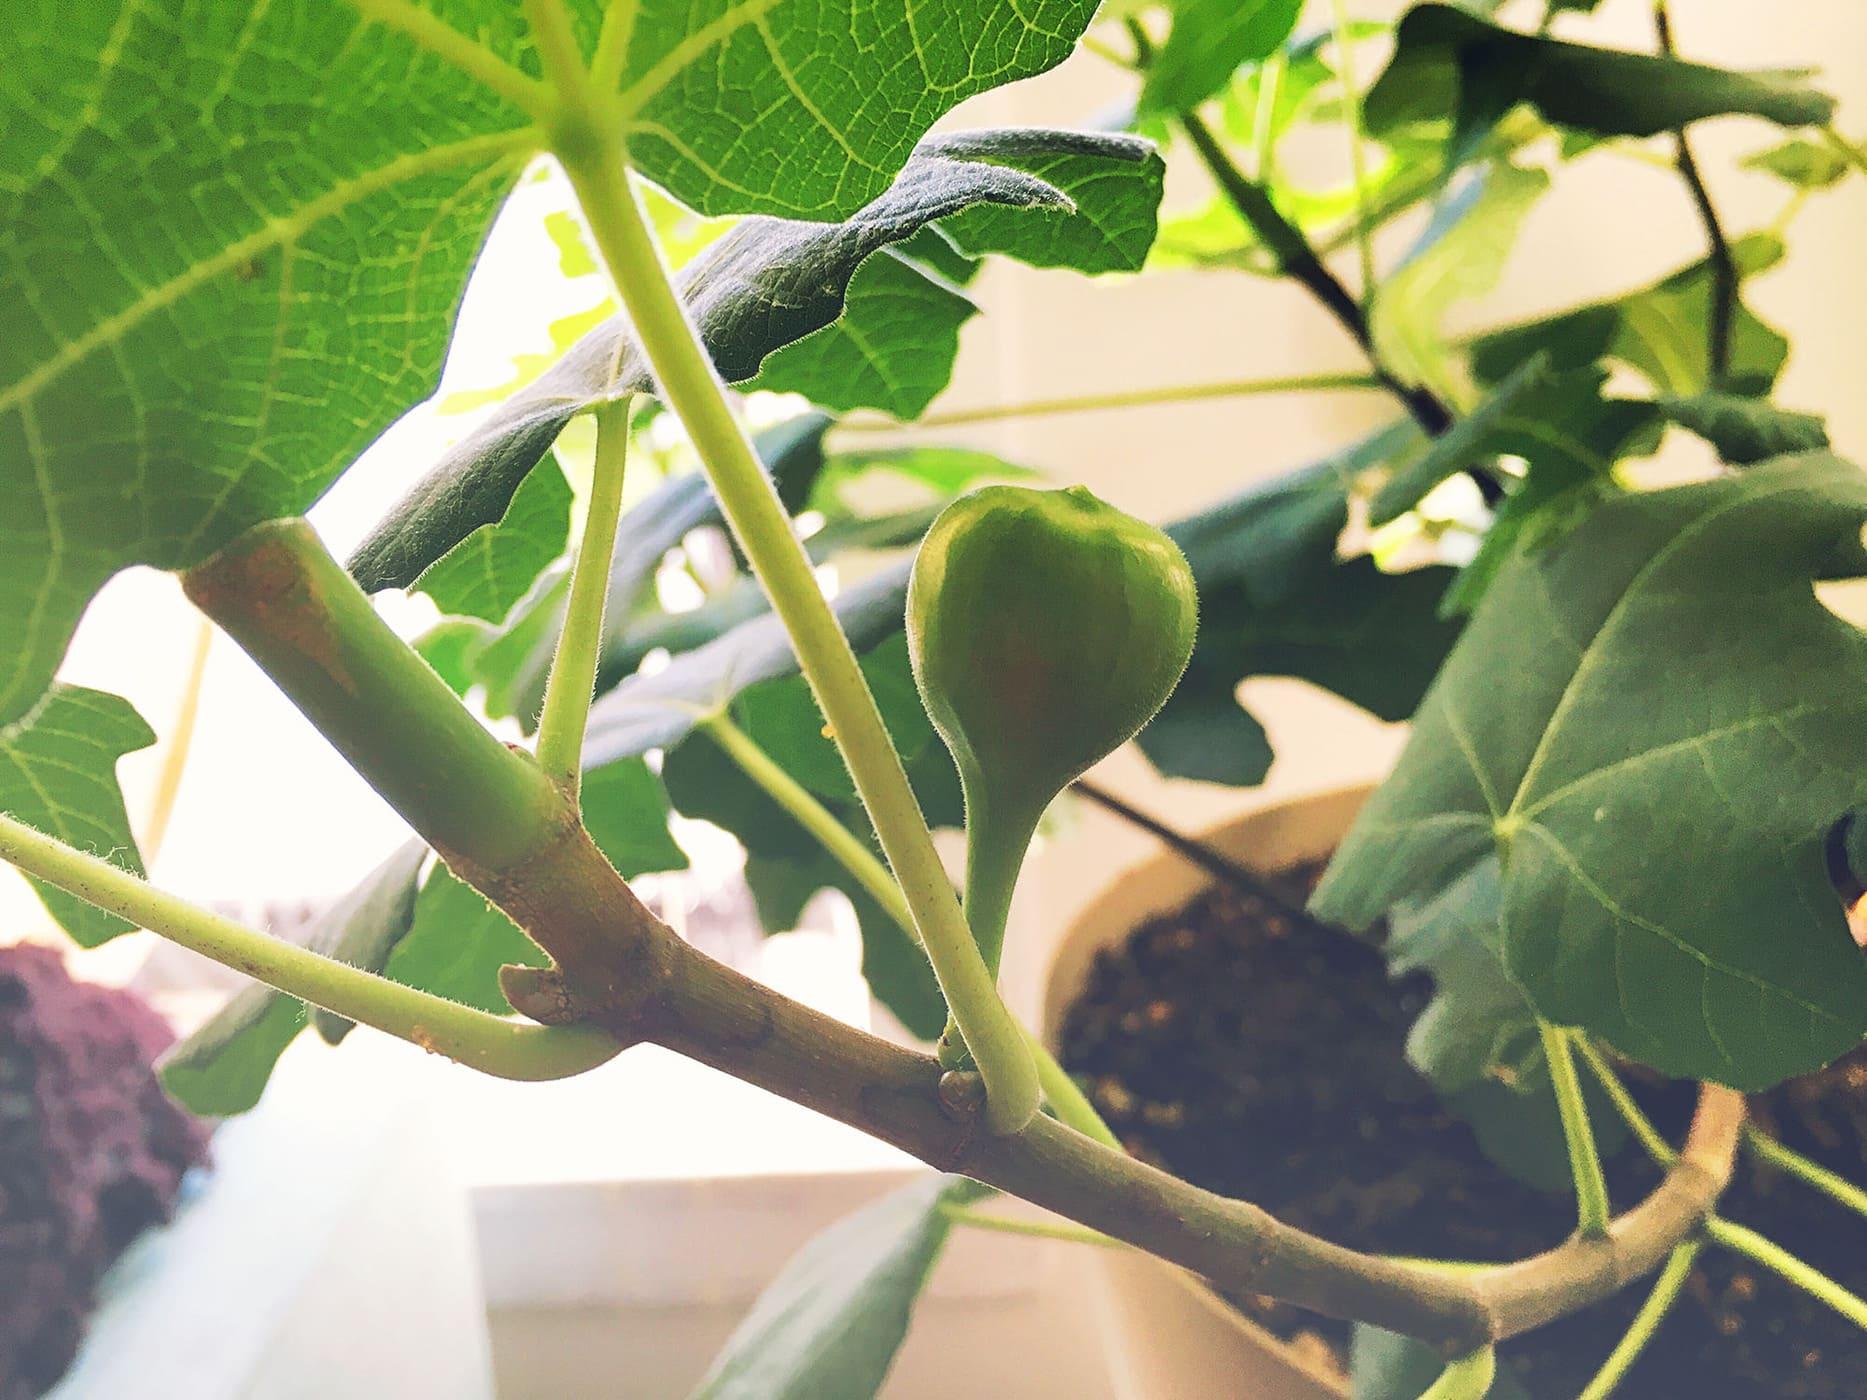 Growing a fig - Week 3